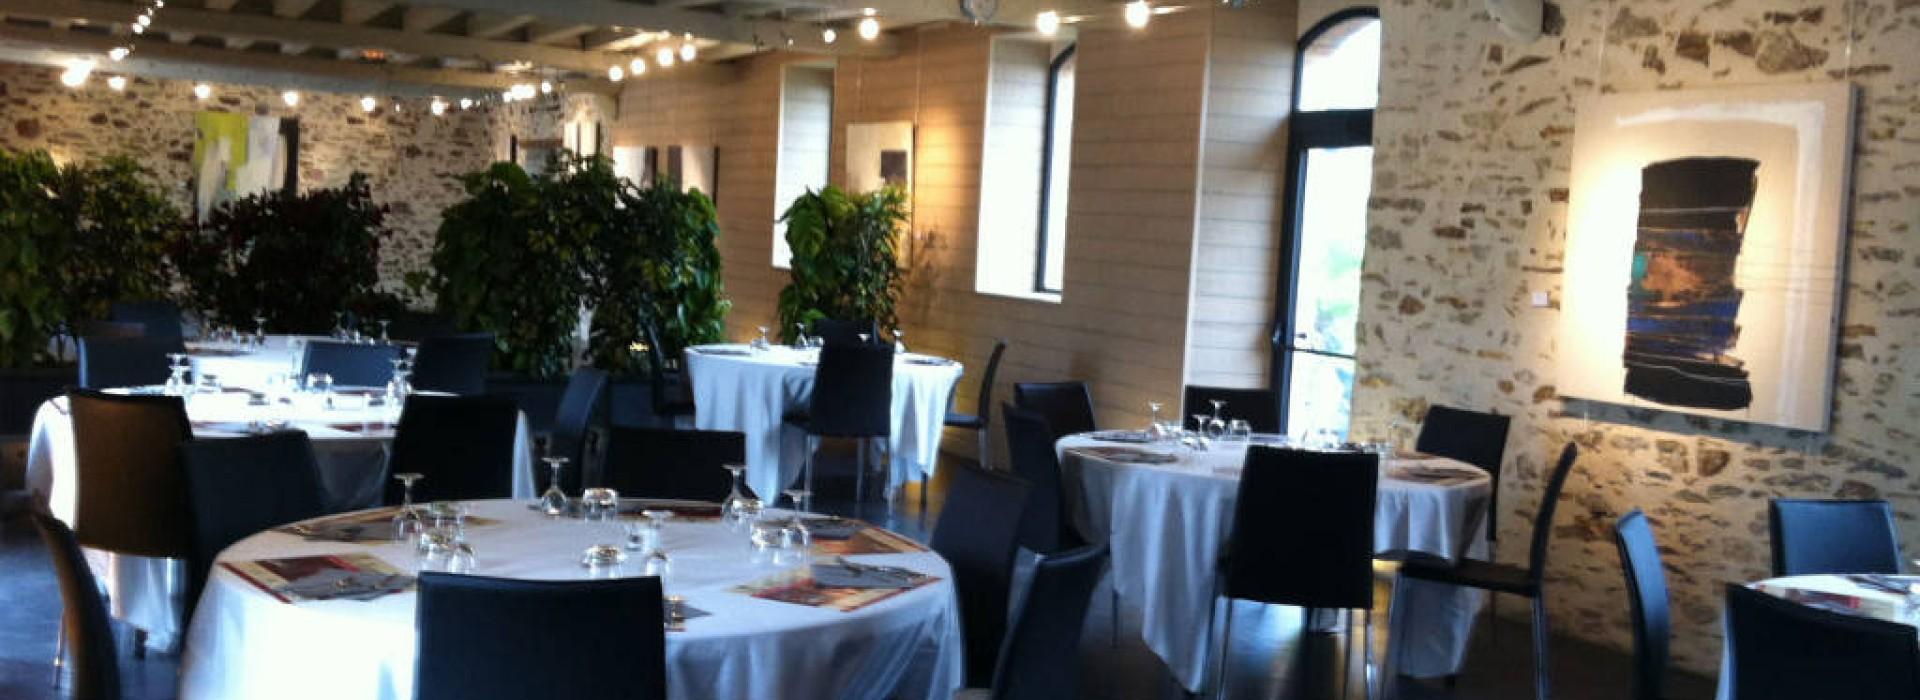 Restaurant la salle a manger restaurants en pays de la loire for Restaurant a lasalle